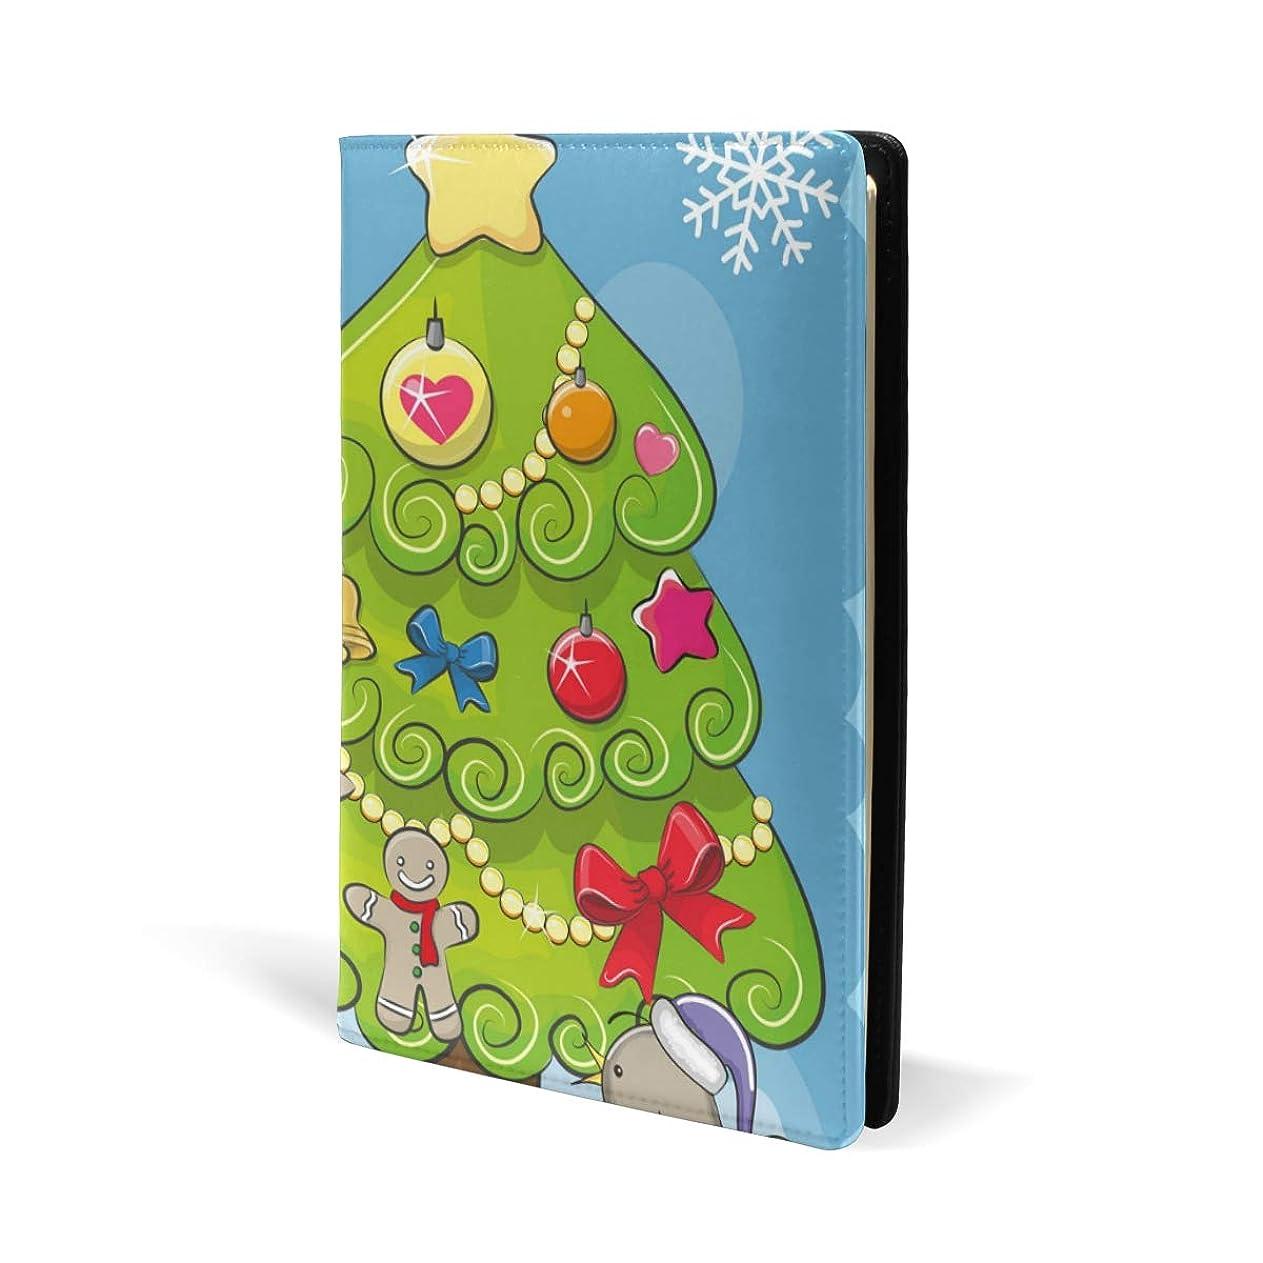 告白ウール飼料ブックカバー a5 ユニコーン クリスマスツリー 文庫 PUレザー ファイル オフィス用品 読書 文庫判 資料 日記 収納入れ 高級感 耐久性 雑貨 プレゼント 機能性 耐久性 軽量